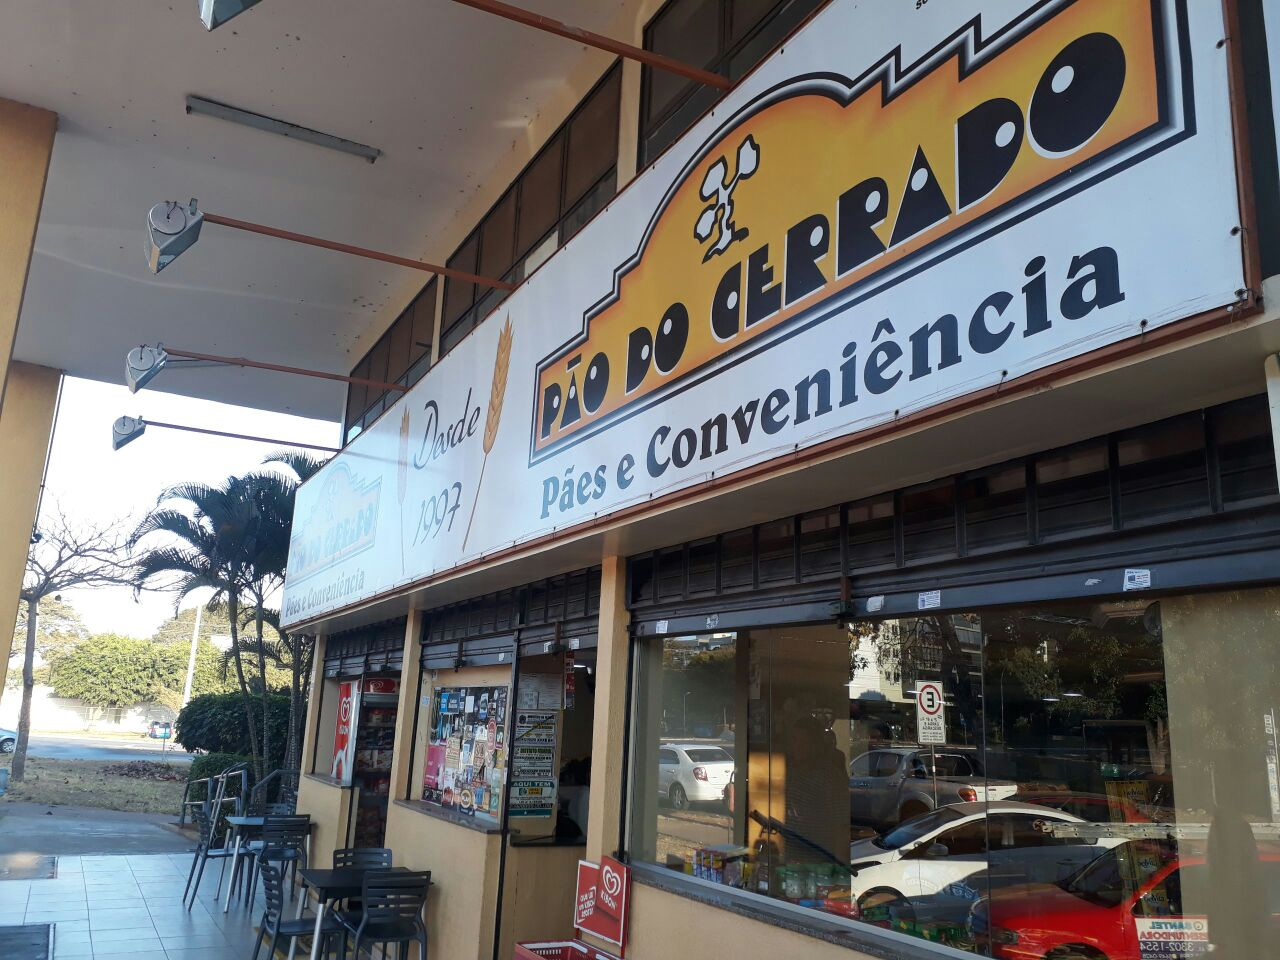 Padaria Pão do Cerrado, Pães e Conveniência, Bloco A, da 411 Norte, Asa Norte, Brasília